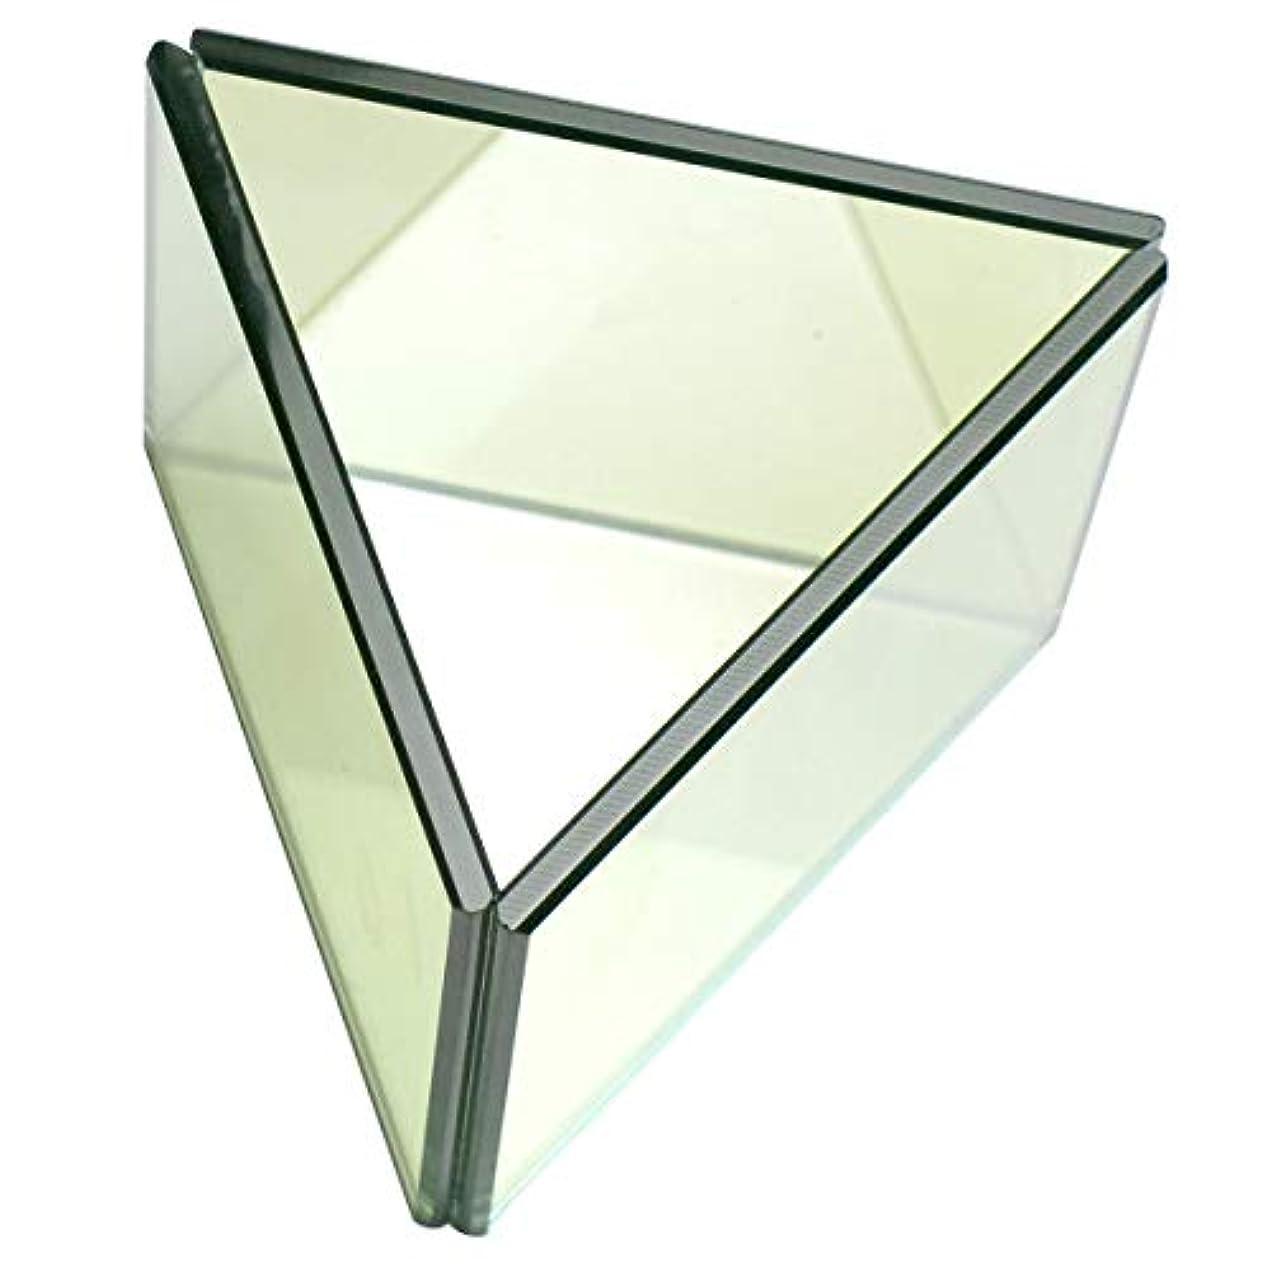 腕廃止行う無限連鎖キャンドルホルダー トライアングル ガラス キャンドルスタンド ランタン 誕生日 ティーライトキャンドル